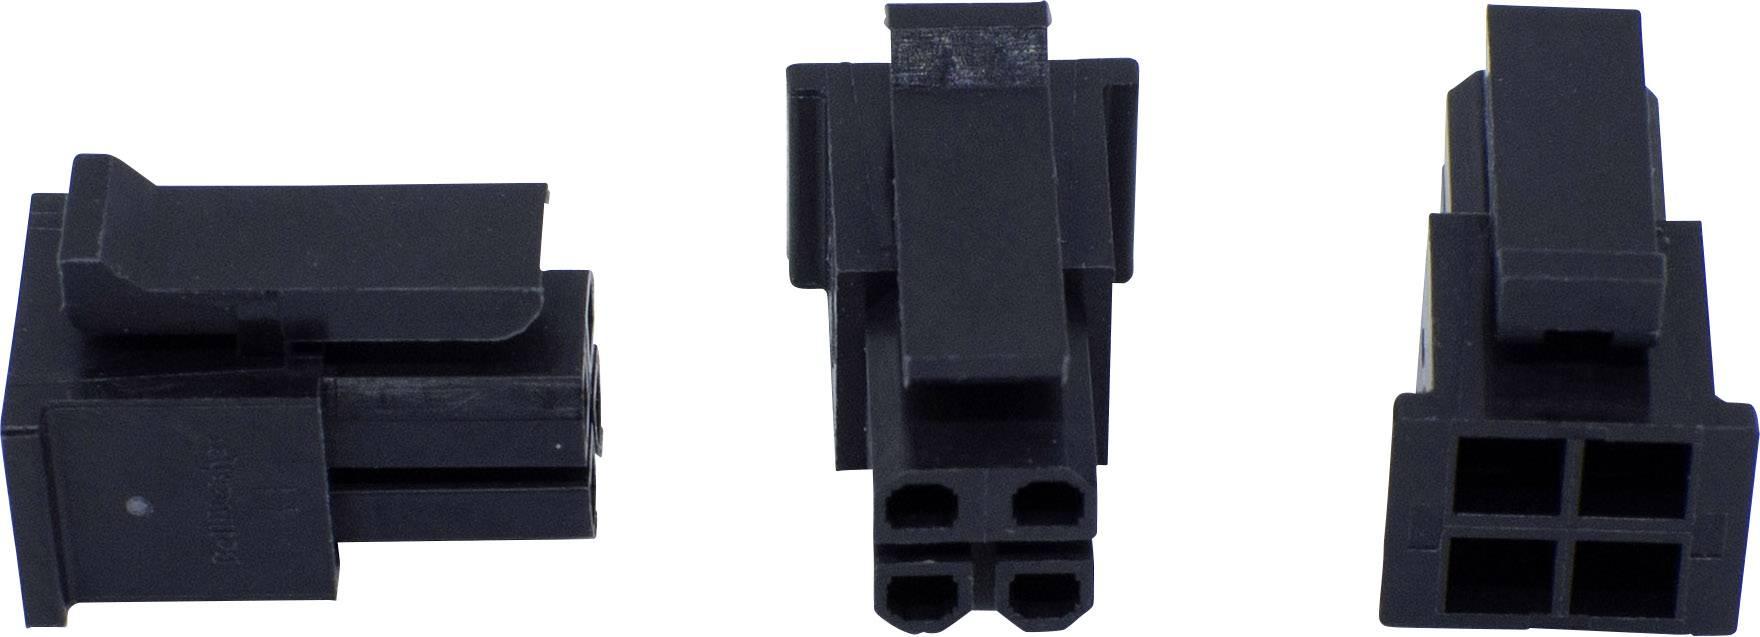 Zásuvkový konektor na kabel BellWether 70093-1000, pólů 10, rozteč 3 mm, 1 ks